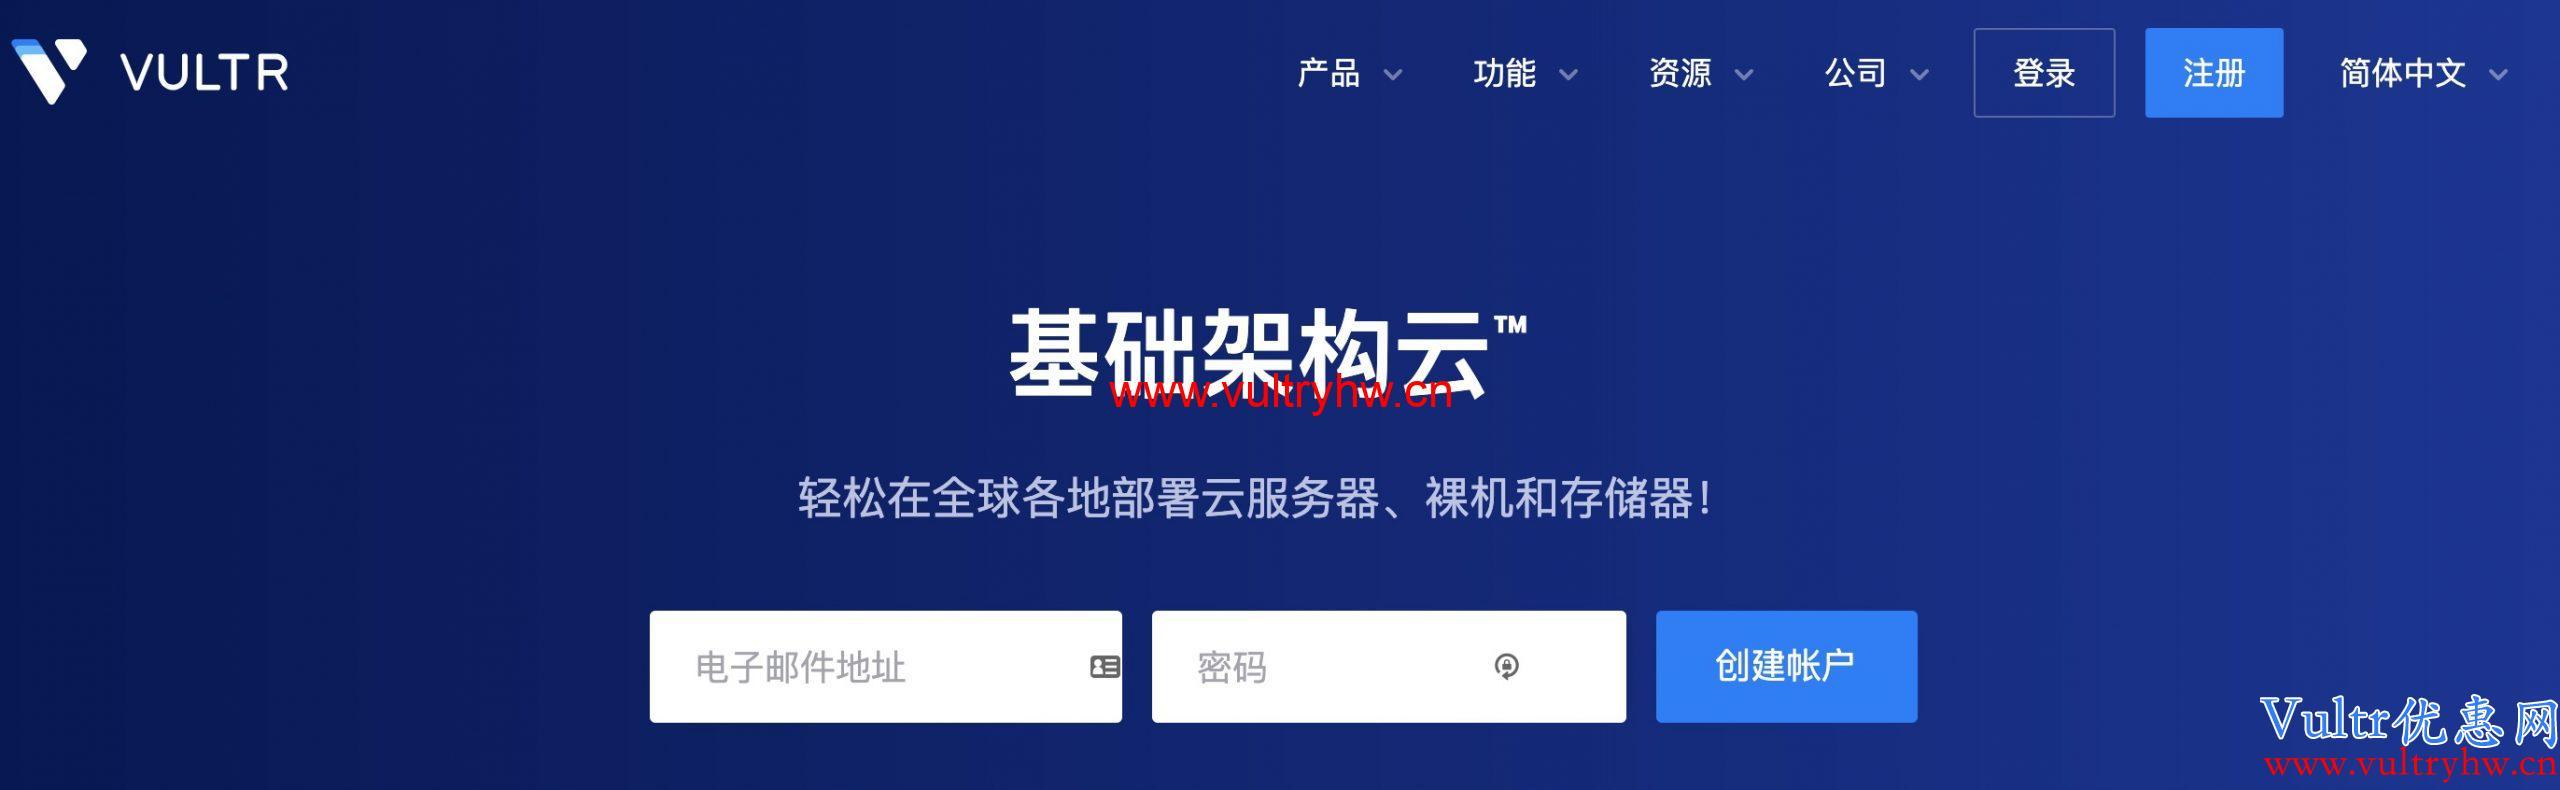 Vultr中文版官网